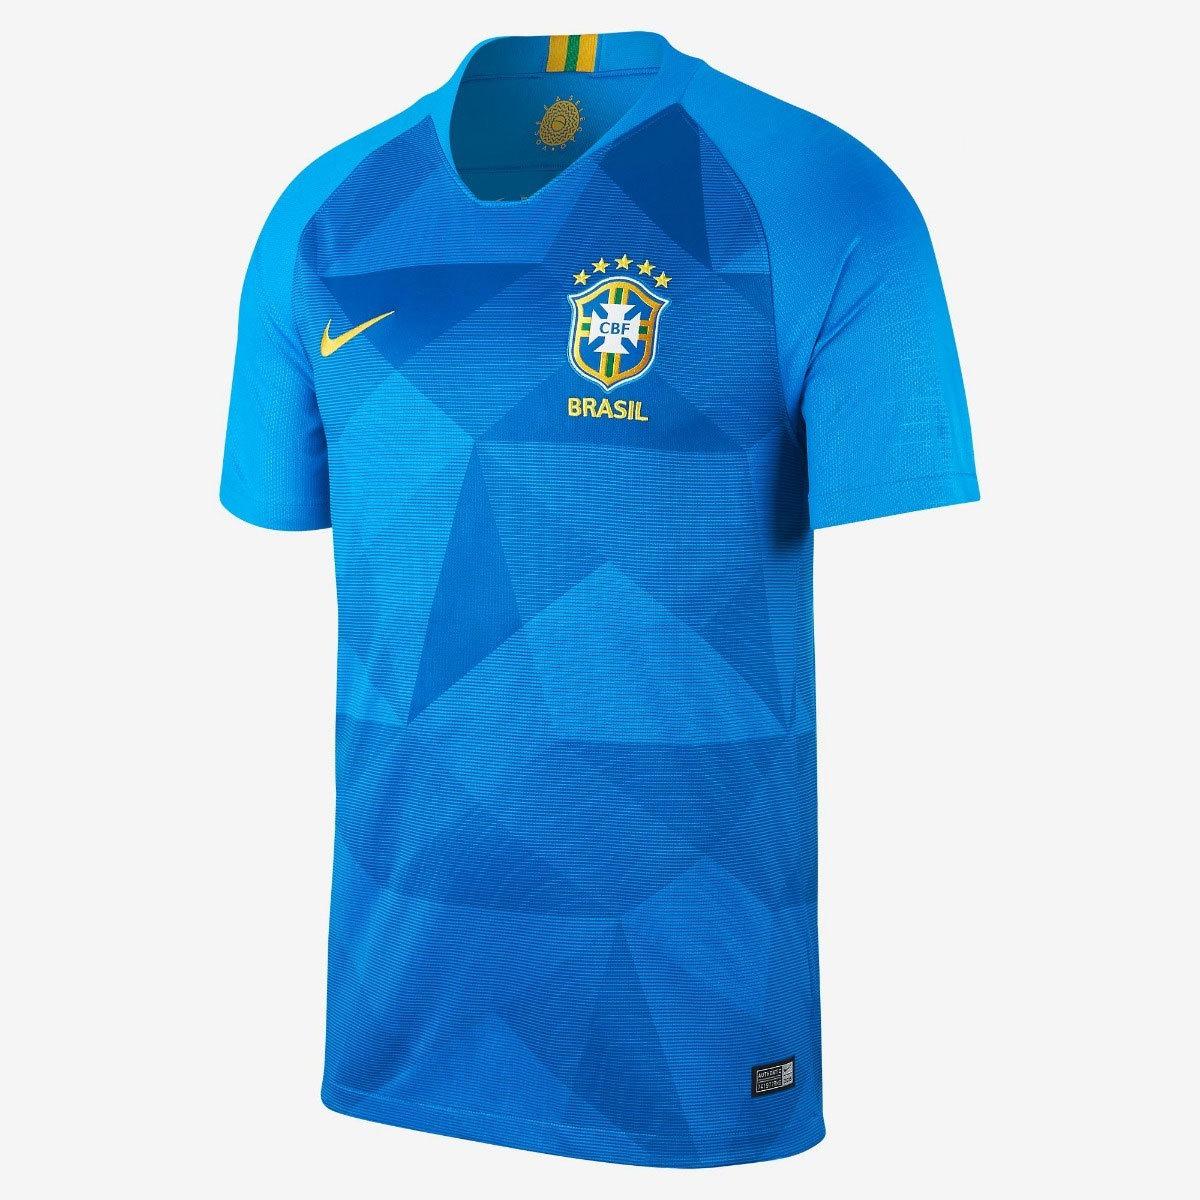 b4216da3d1 O Brasil de Tite jogou um futebol burocrático na Copa do Mundo 2018 e caiu  logo nas quartas de final, contra a Bélgica. No entanto, é inegável que a  camisa ...